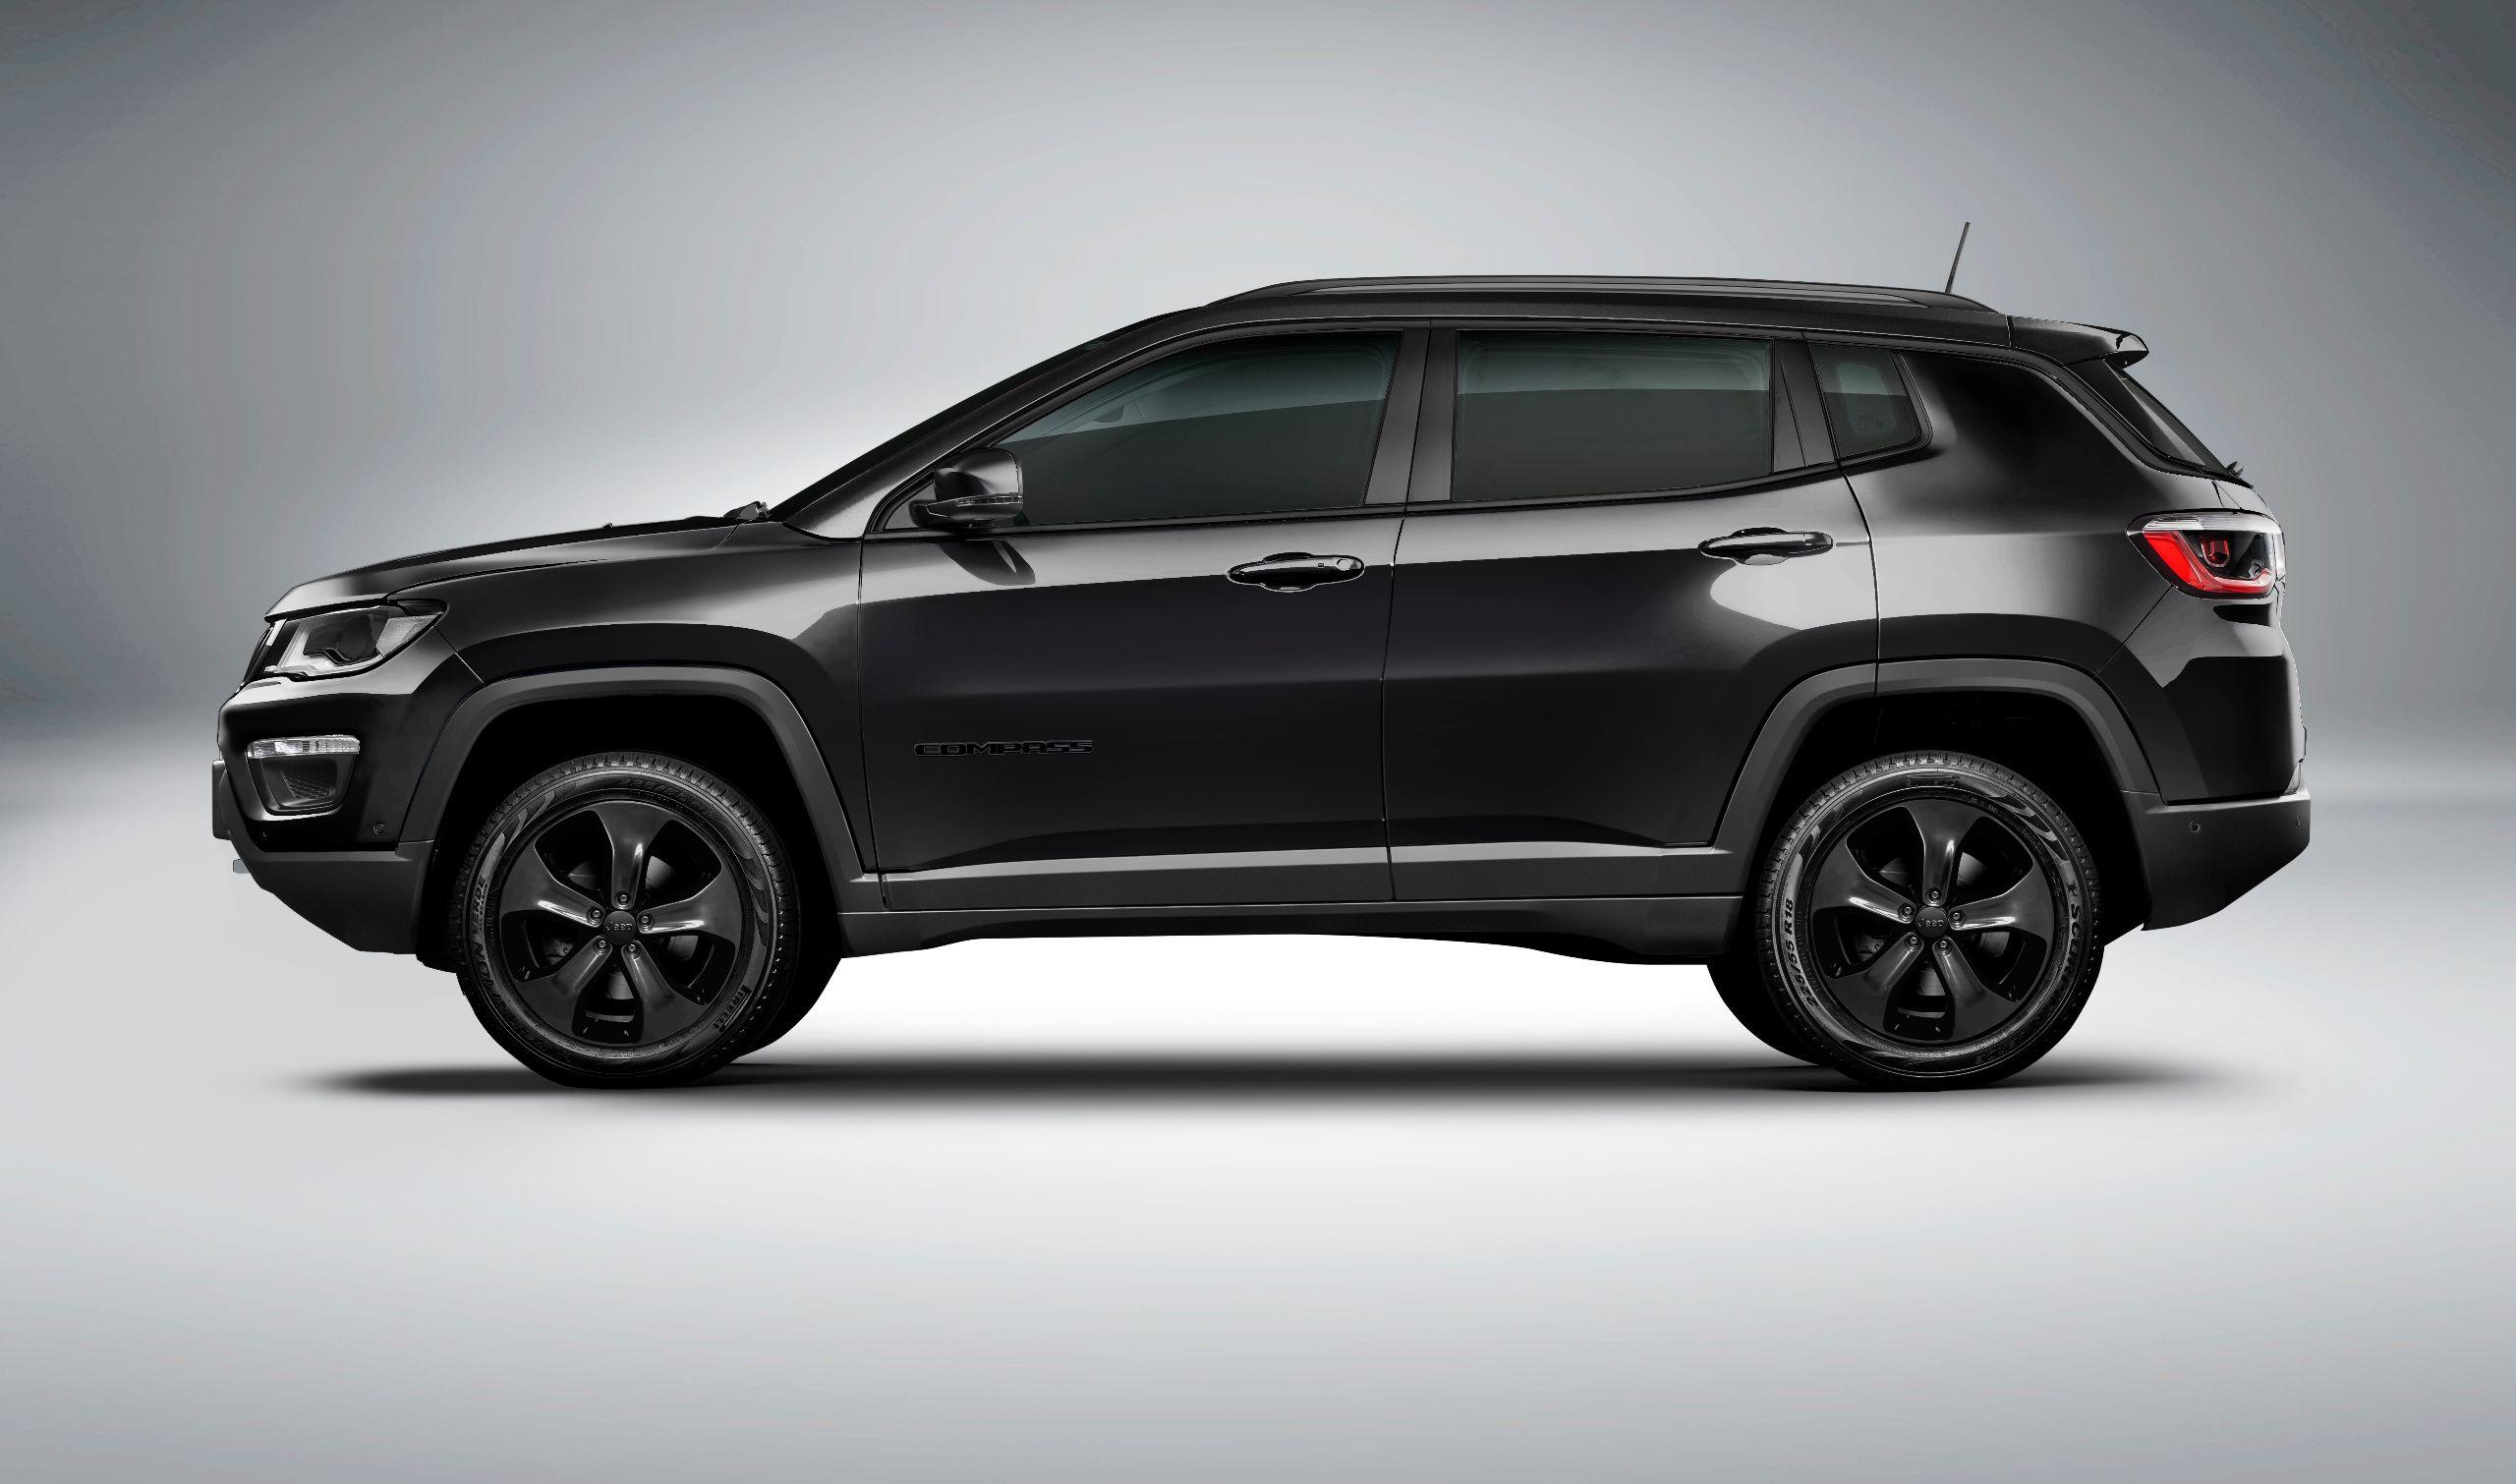 Night Eagle: Jeep Compass em versão dark | AutoPapo